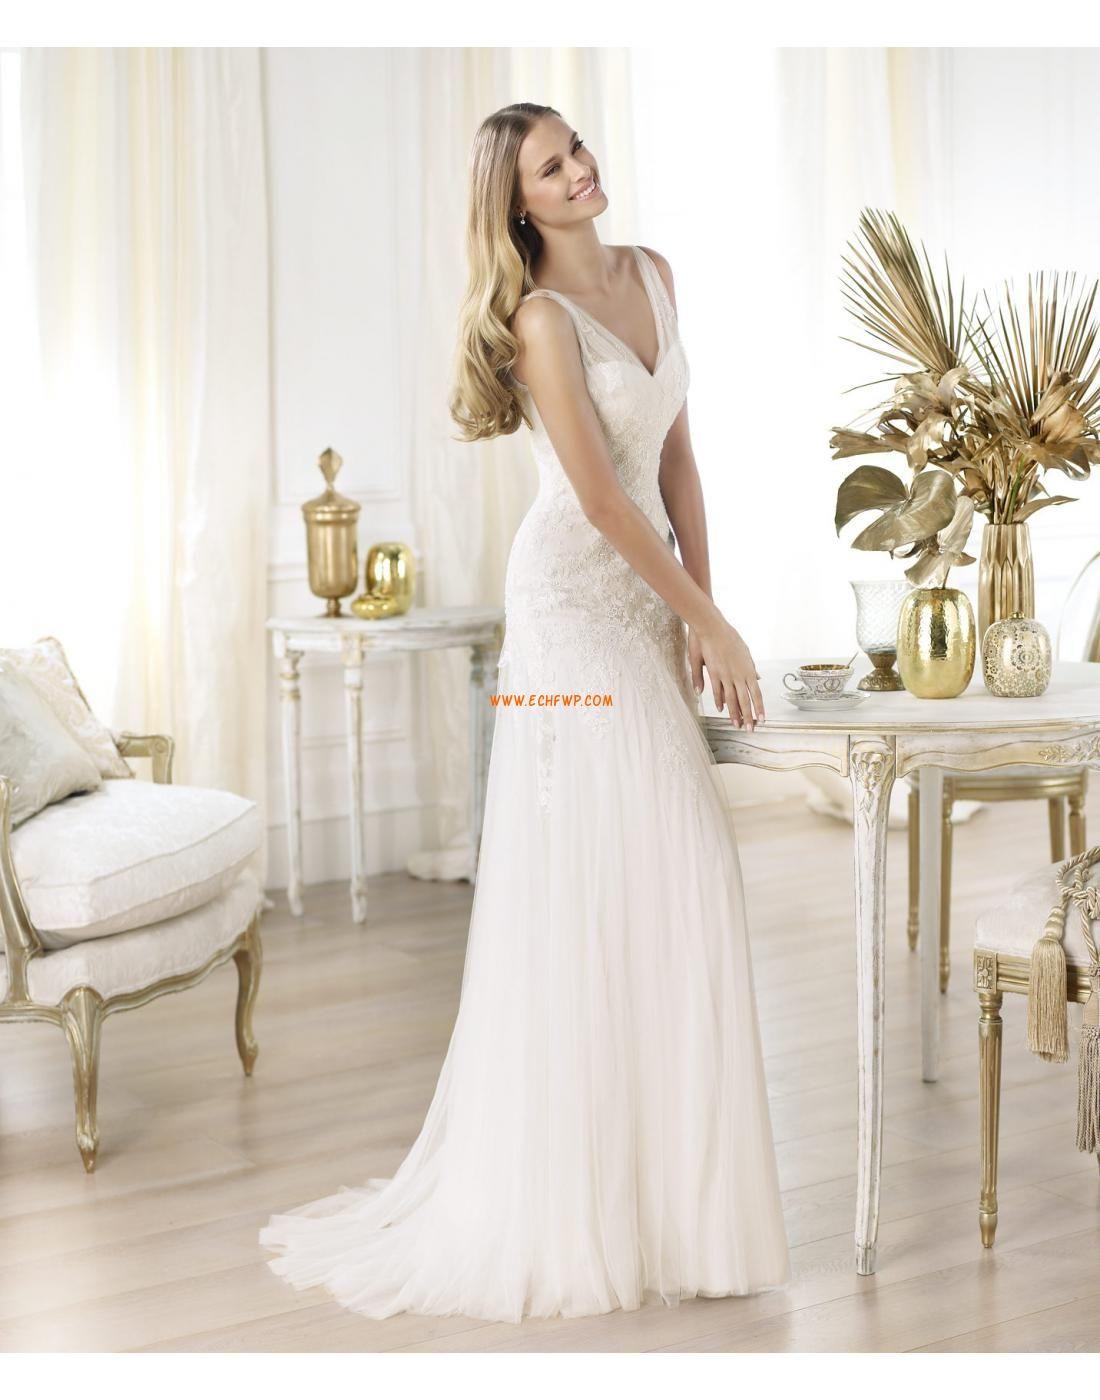 Halle V-Ausschnitt Glamourös & Dramatisch Brautkleider 2014